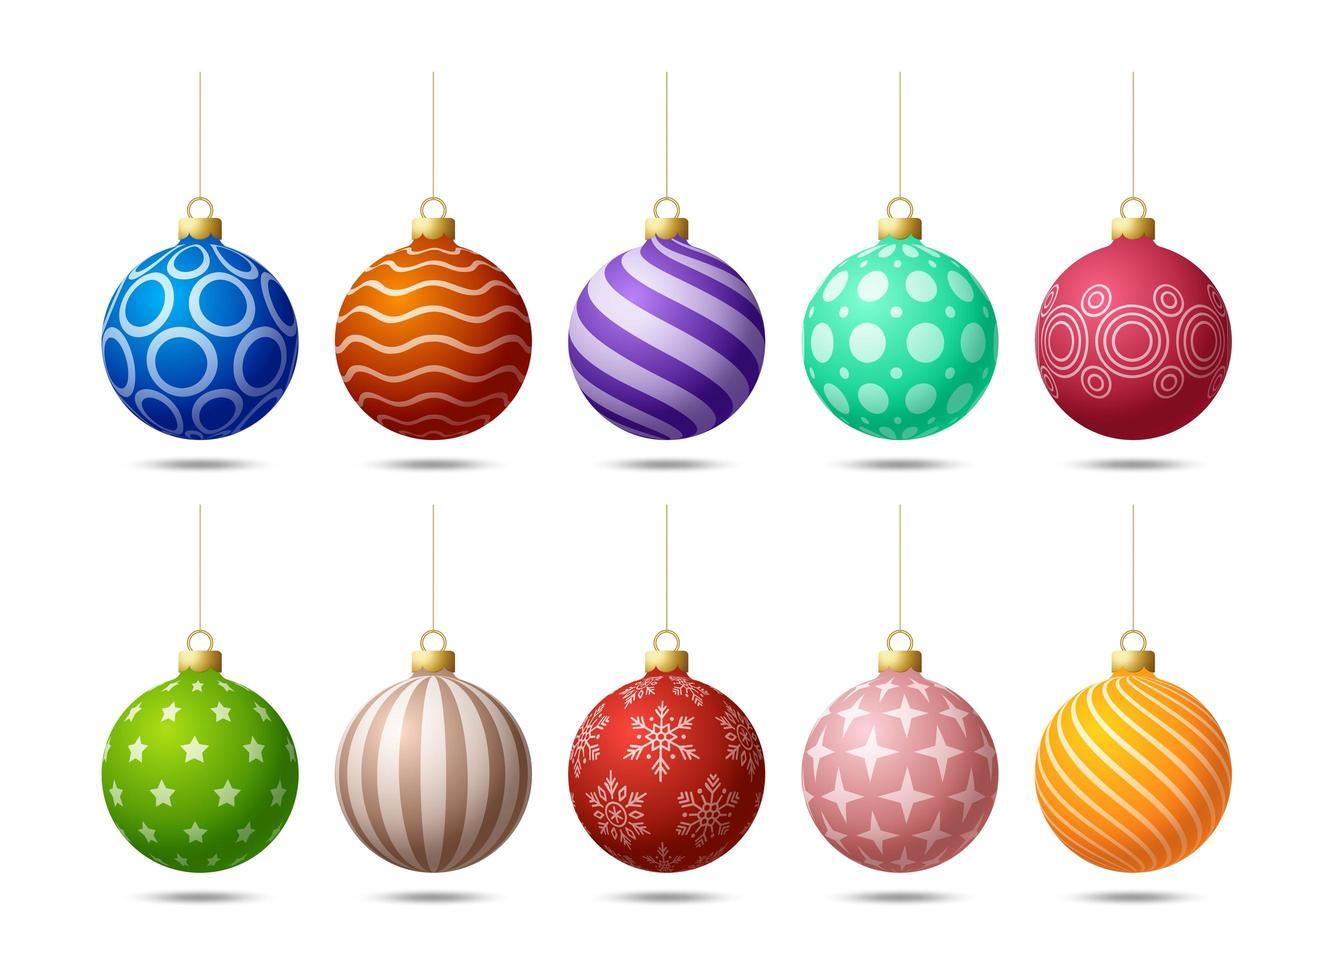 ornements de boule d'arbre ornés de noël colorés brillants vecteur